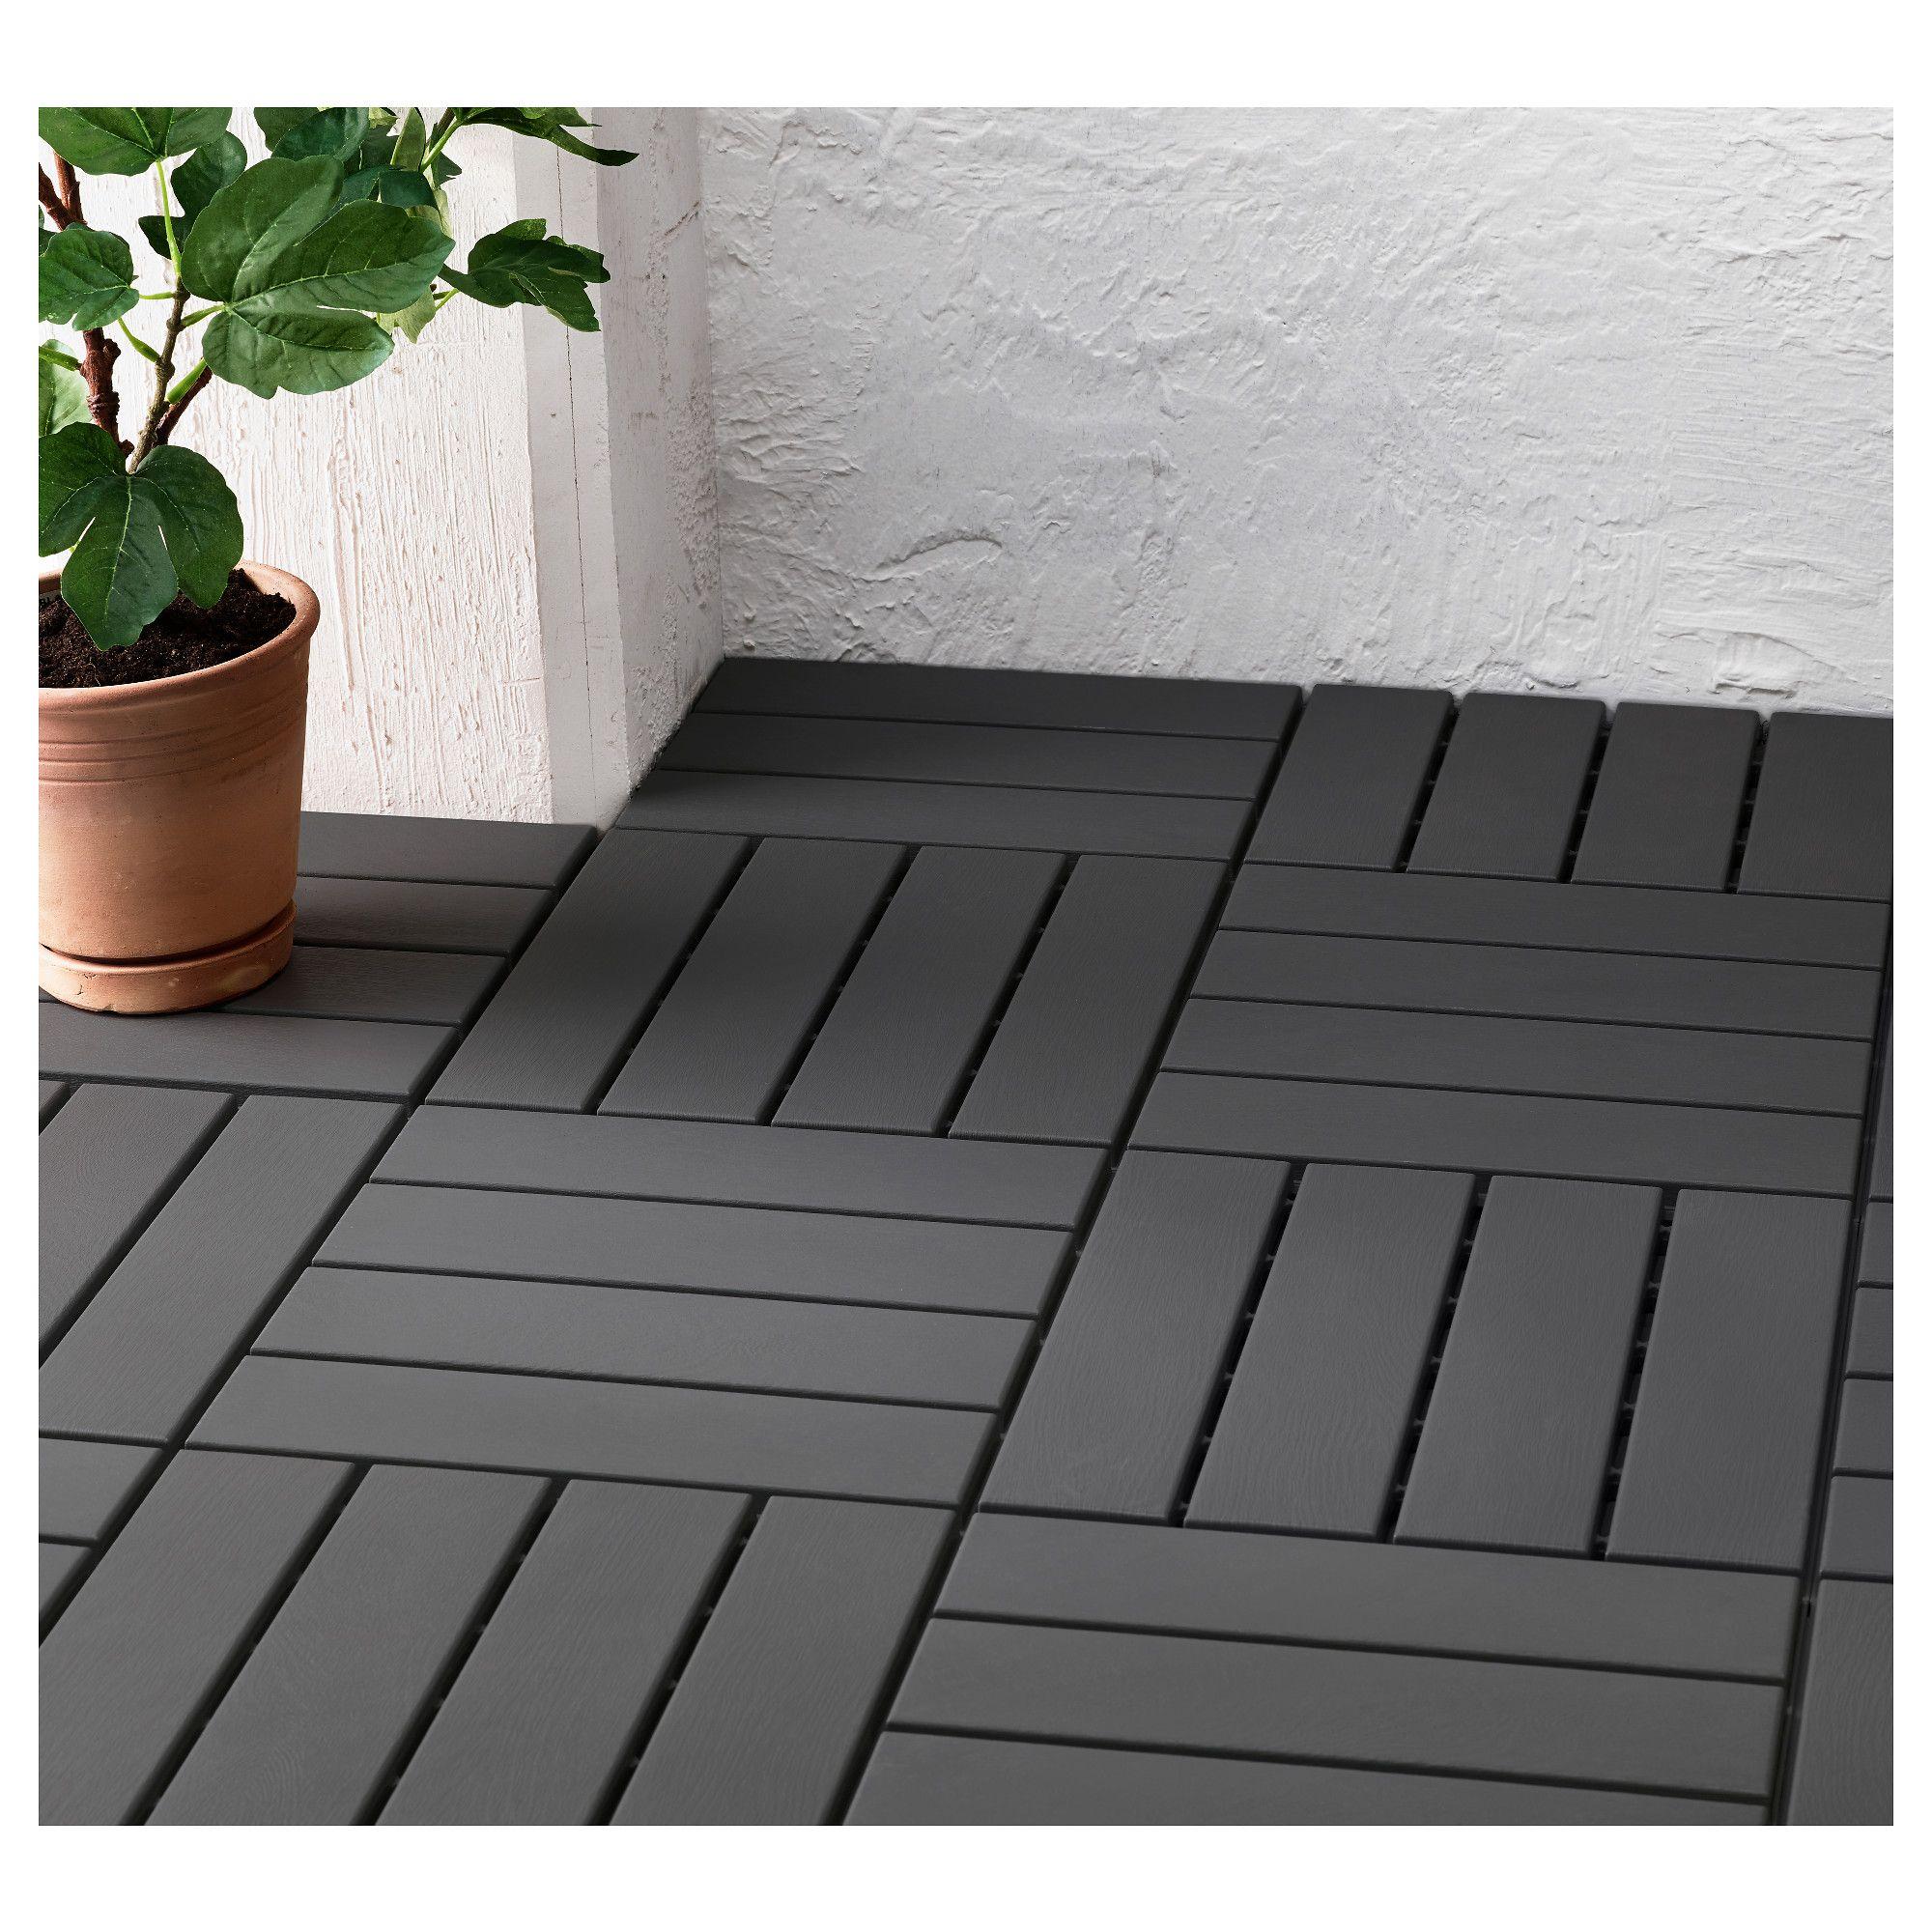 IKEA RUNNEN Decking, outdoor dark gray Patio flooring